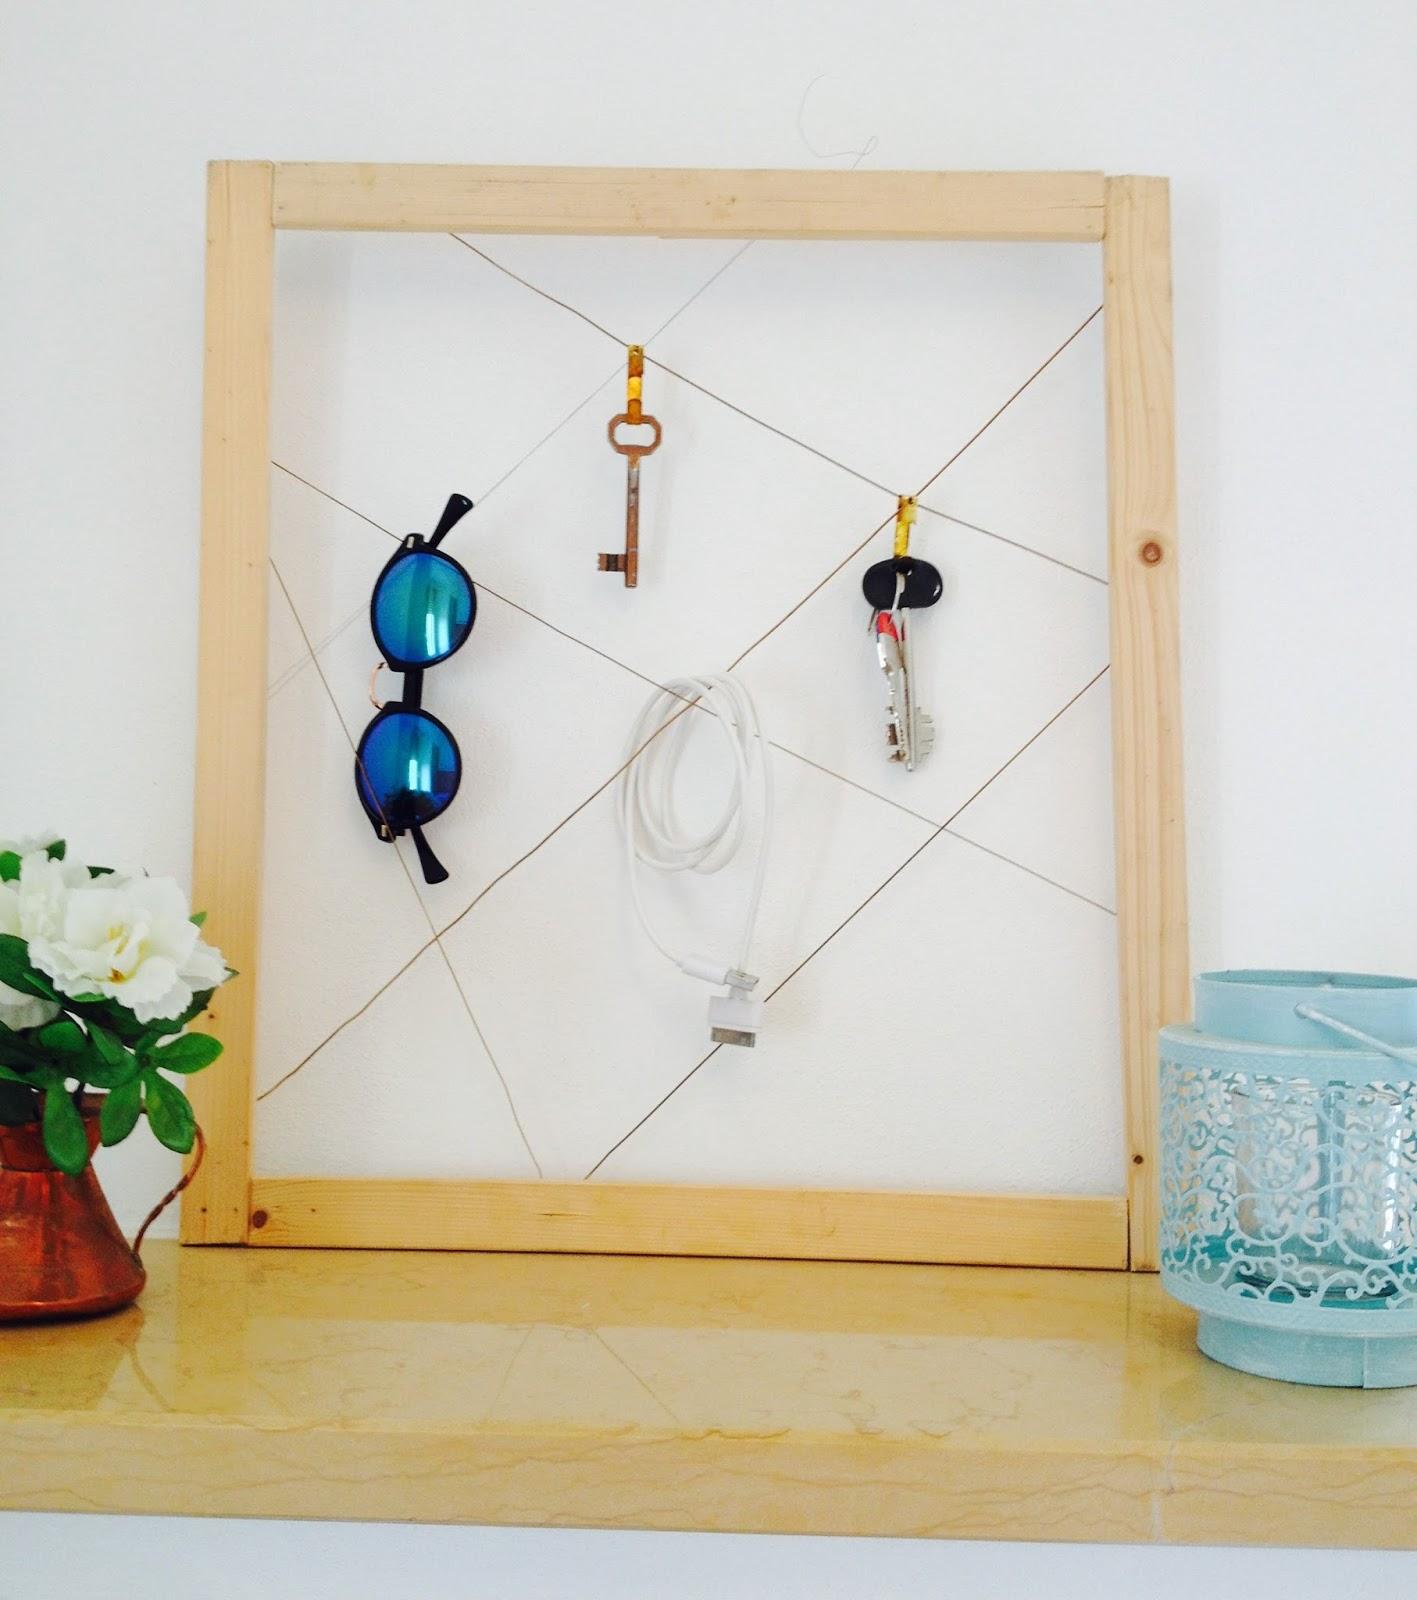 La bacheca portaoggetti fatta con legno e corde di for Idee per appendere foto